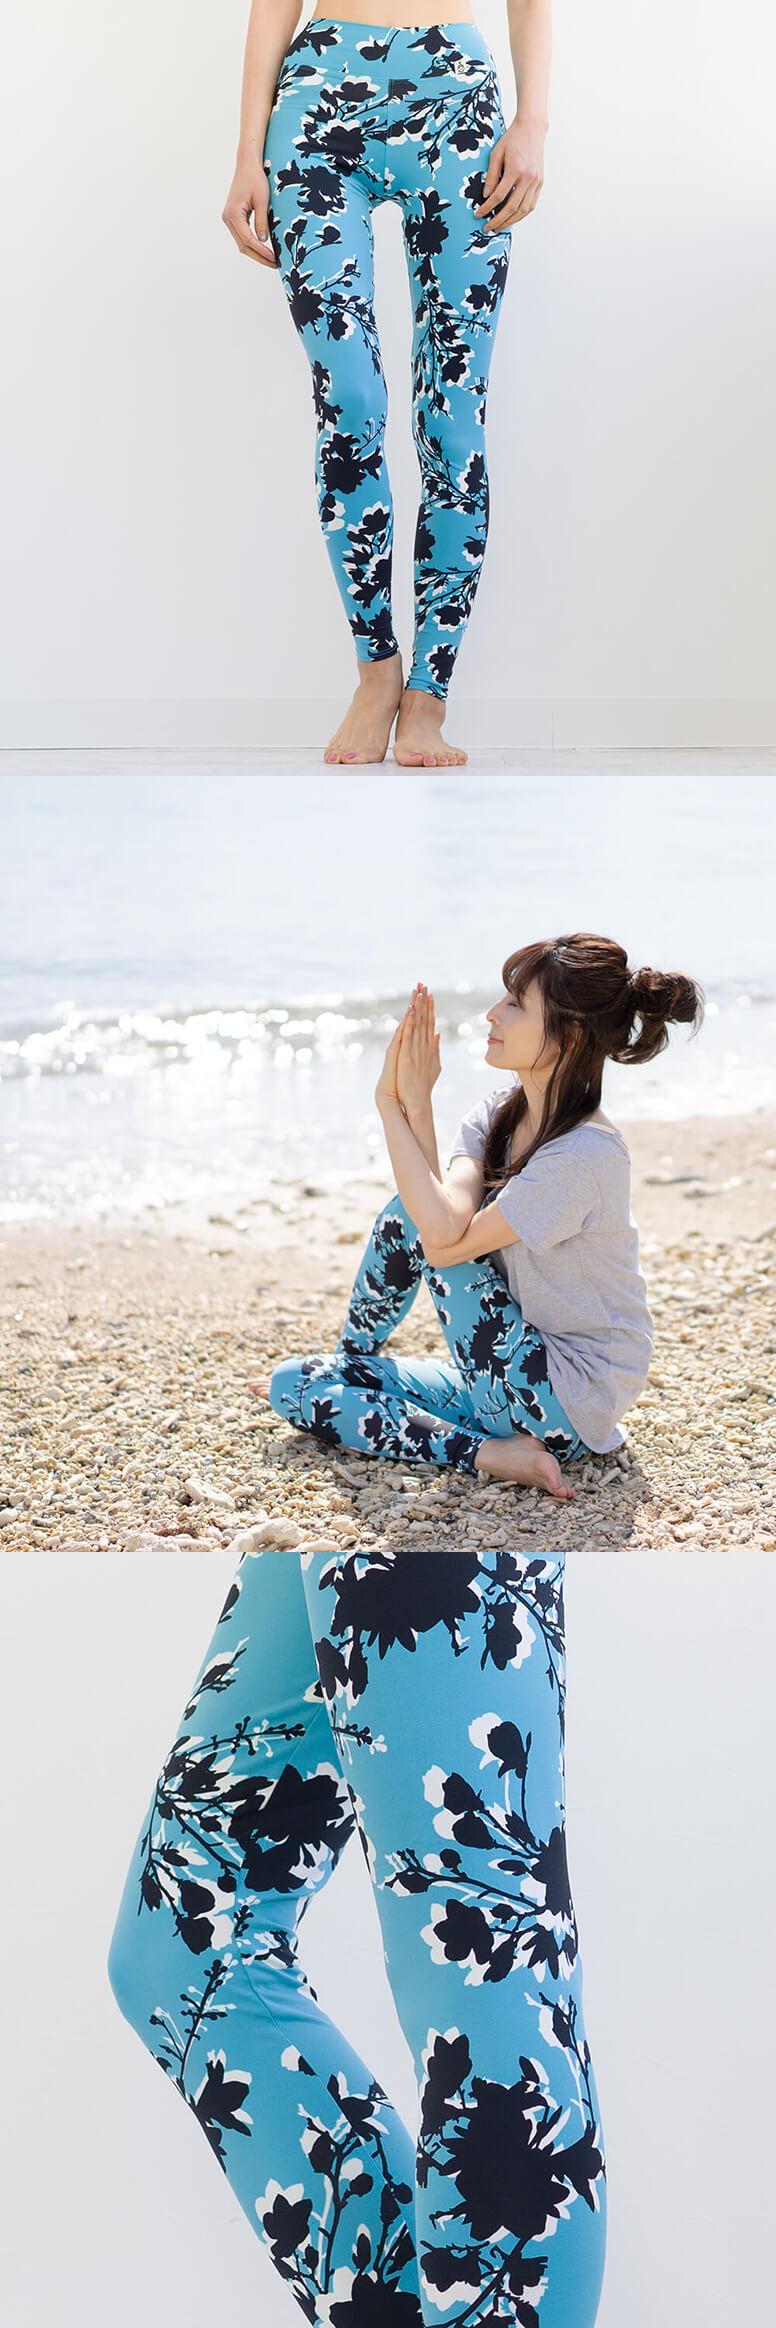 【リンダワークス】ヨガレギンス/ソナタ